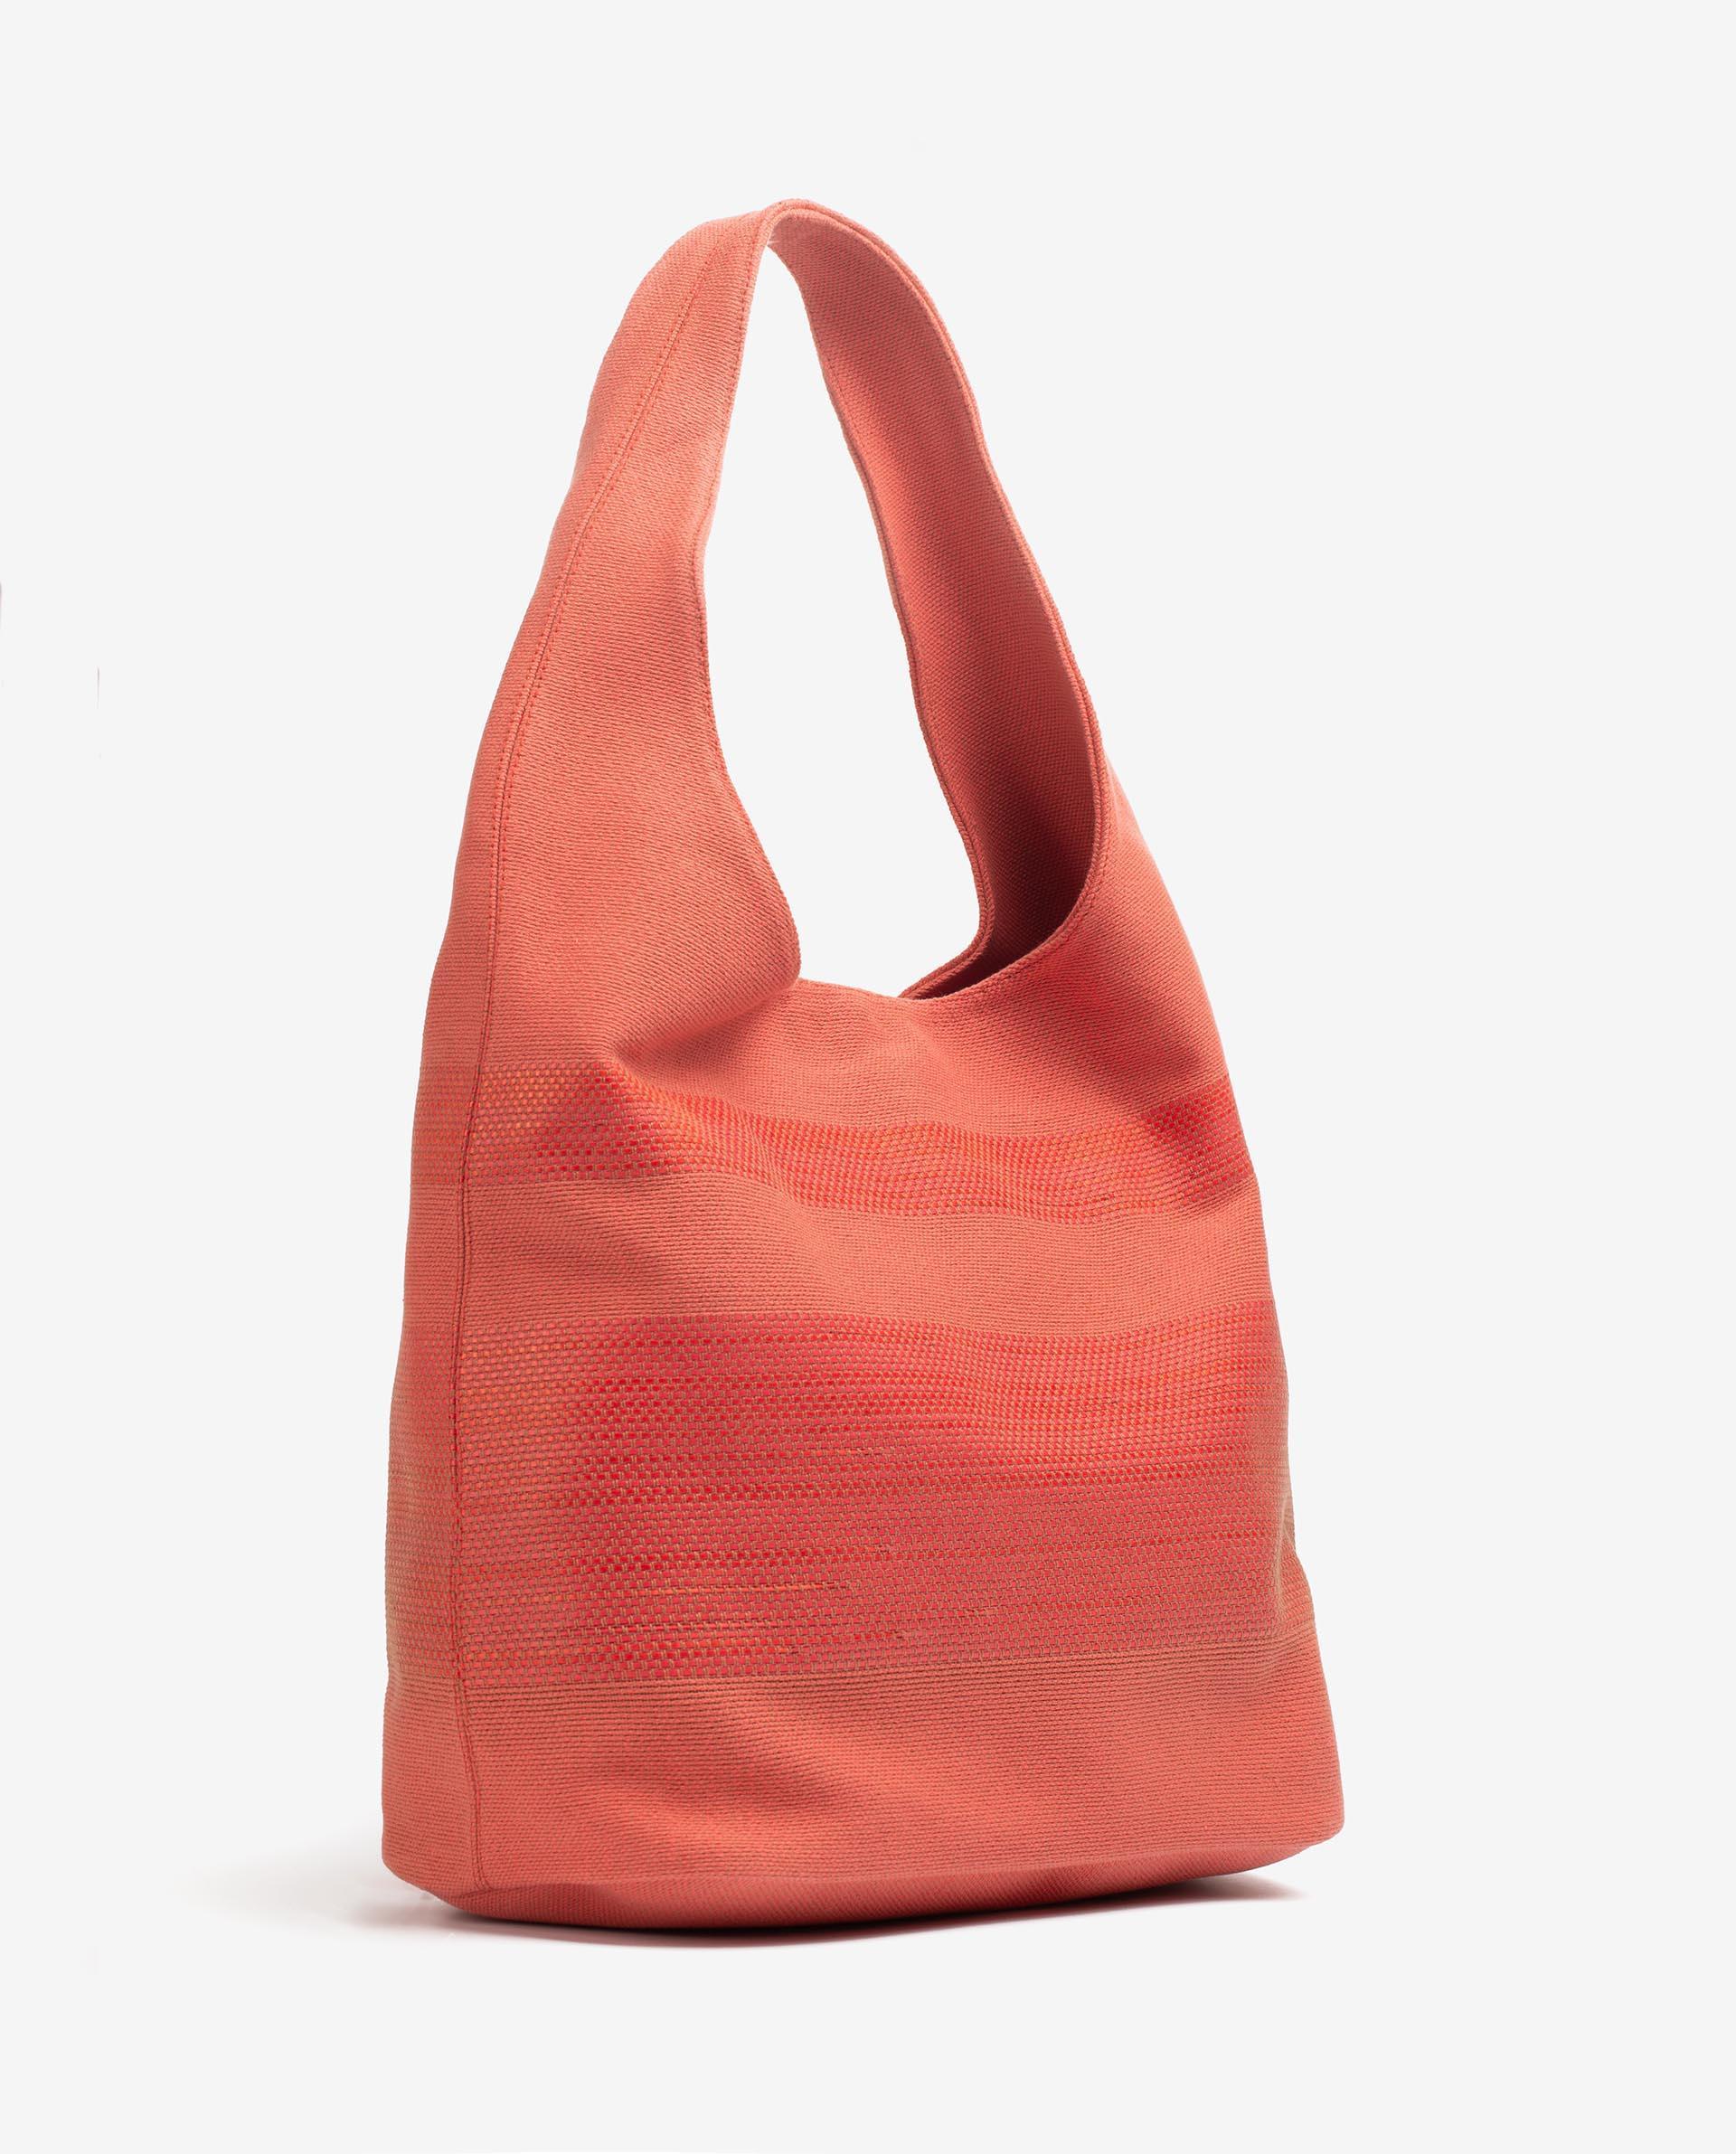 UNISA Hobo Bag in verschiedenen Farben ZISLOTE_21_SIA 5